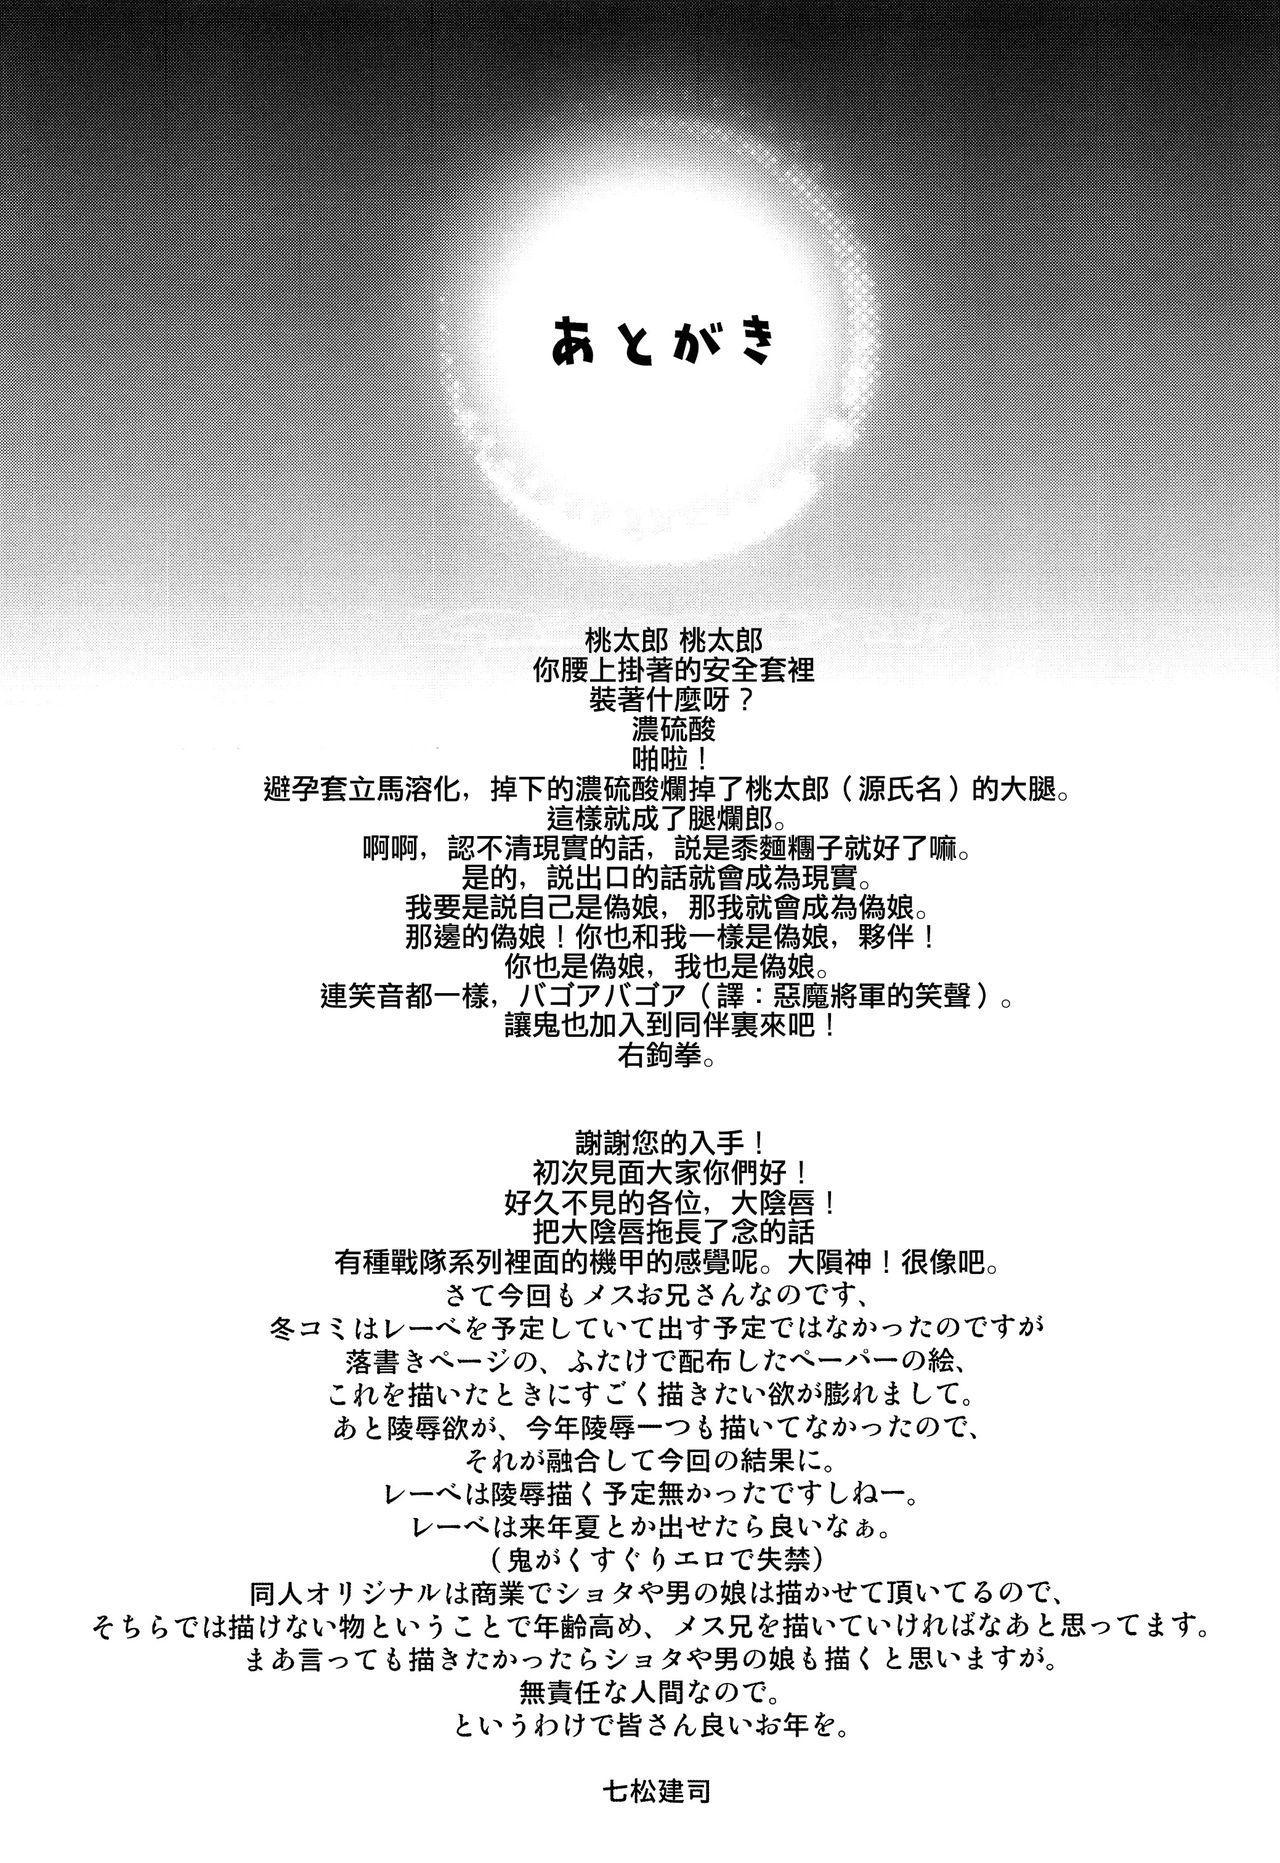 Chiisai Chinpo de Onii-chan Men shite Suimasendeshita 21